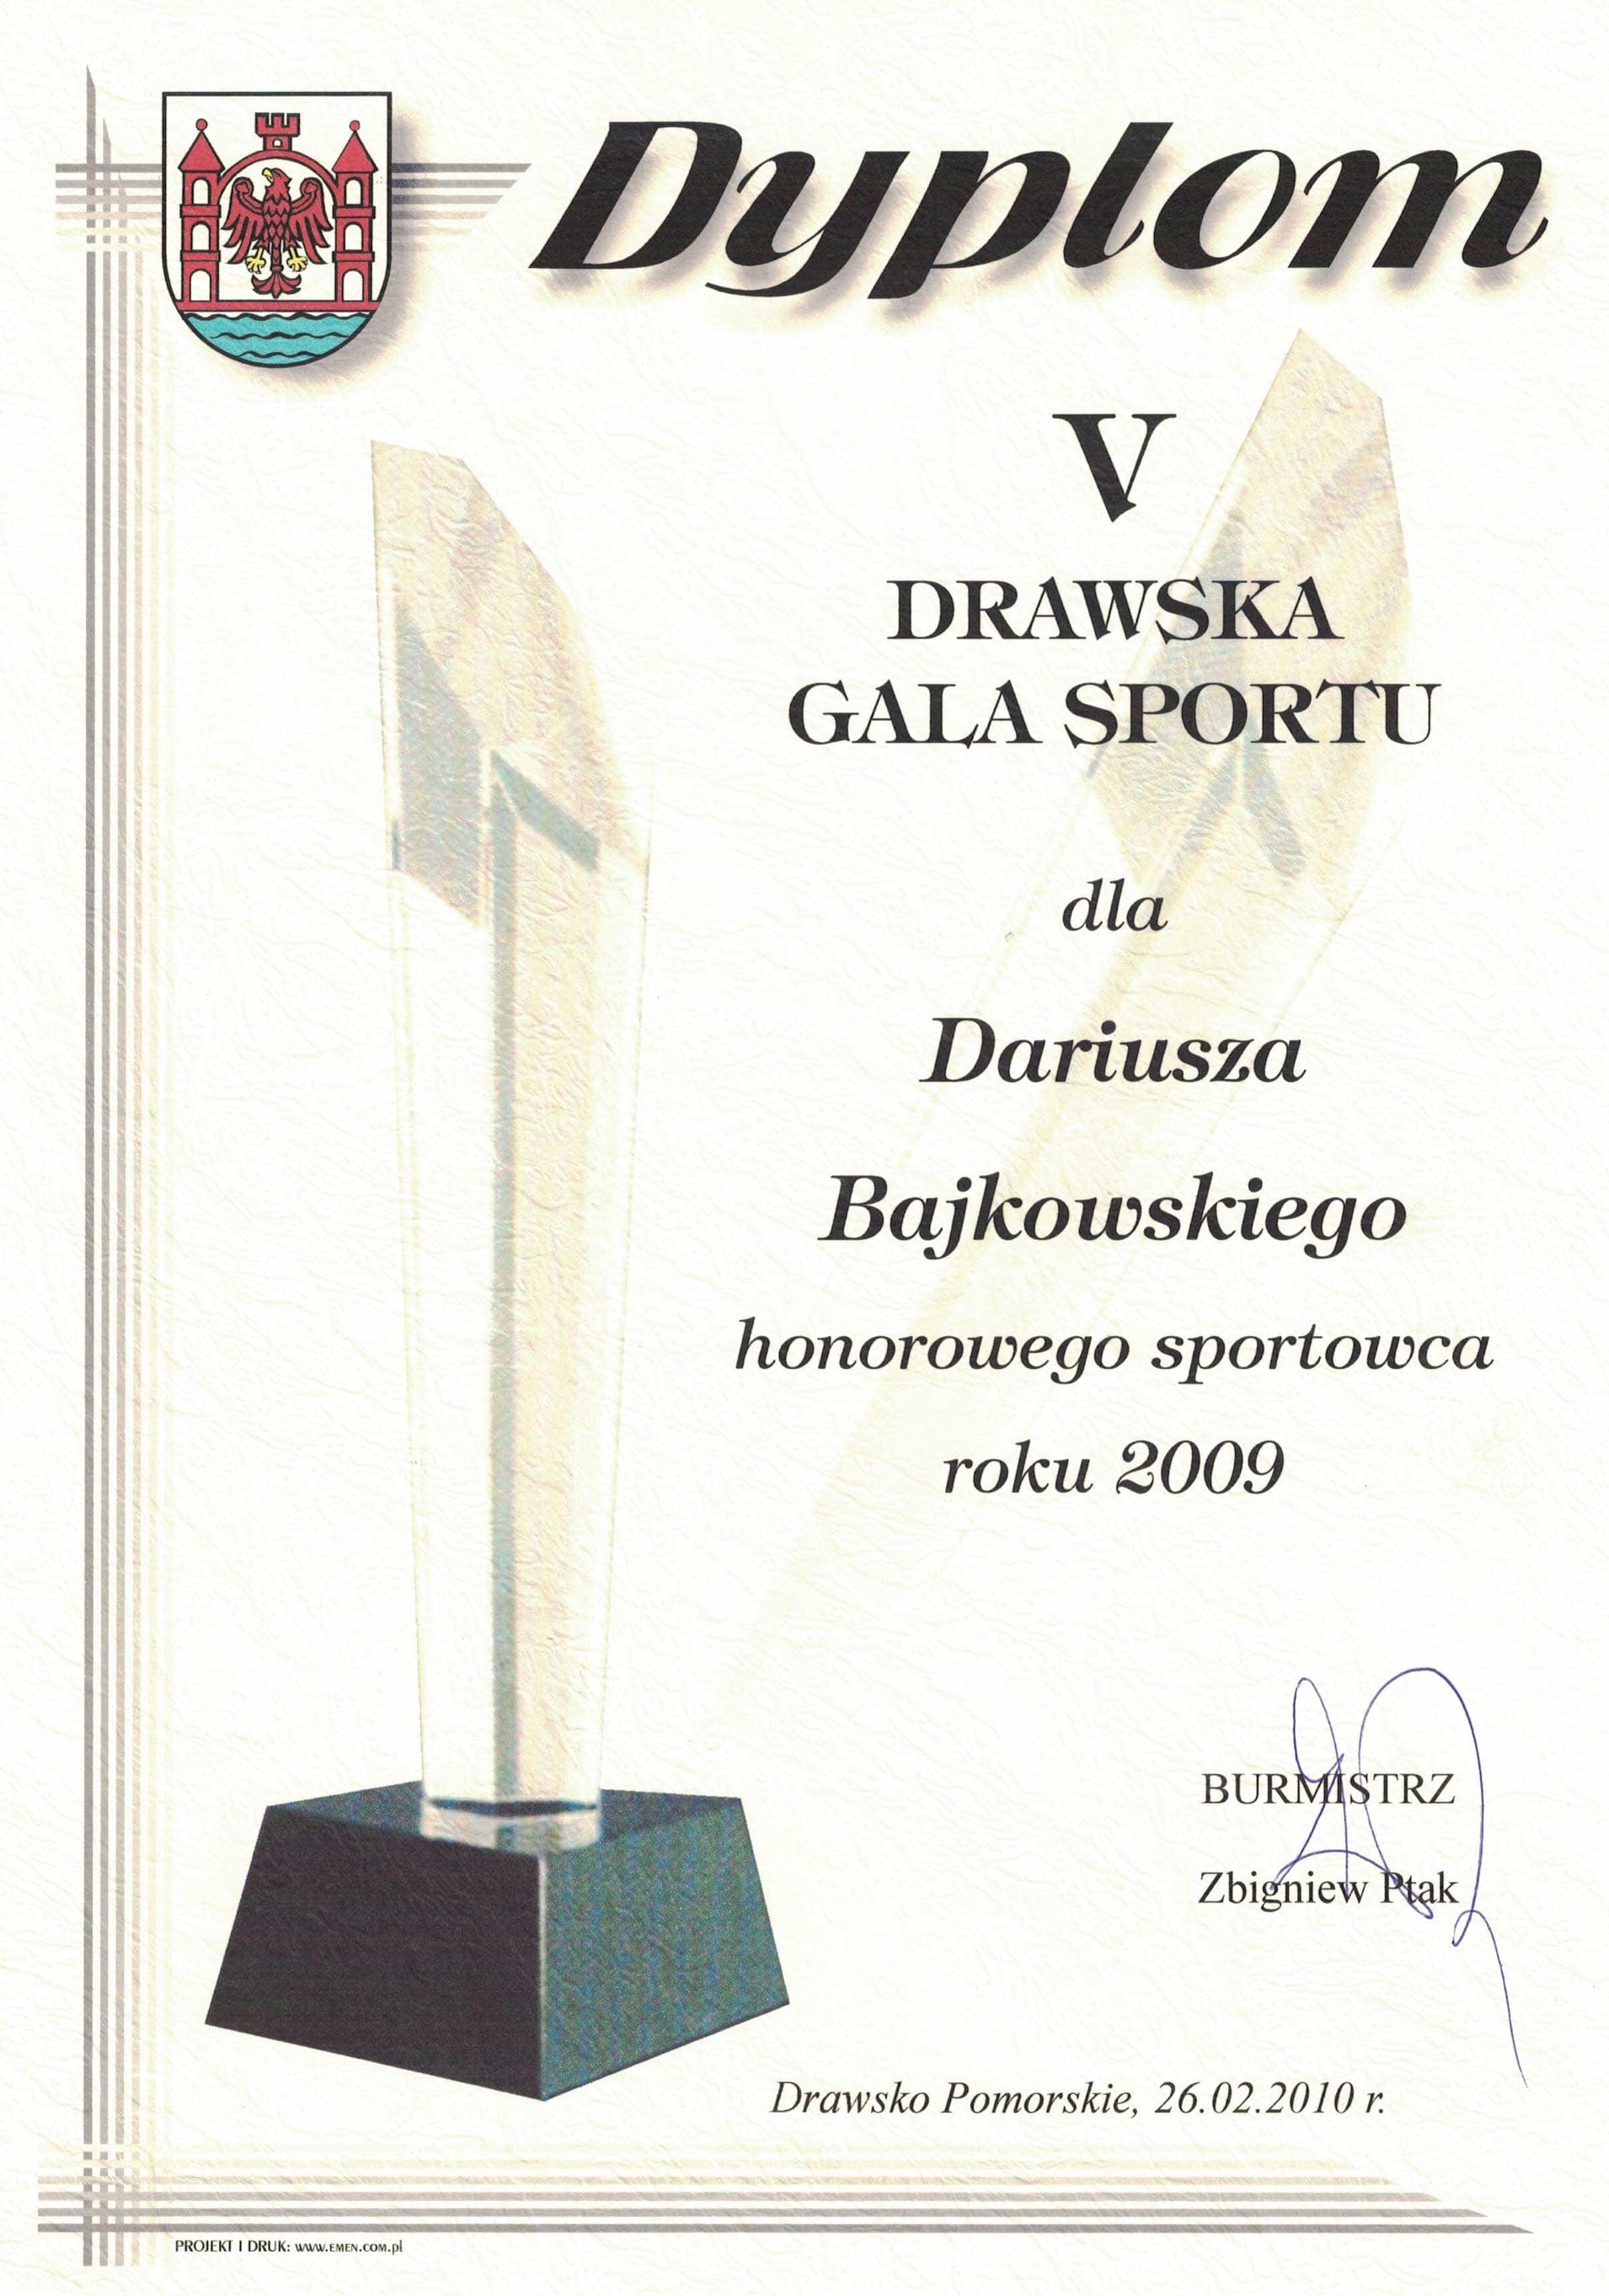 Dariusz-Bajkowski-honorowy-sportowiec